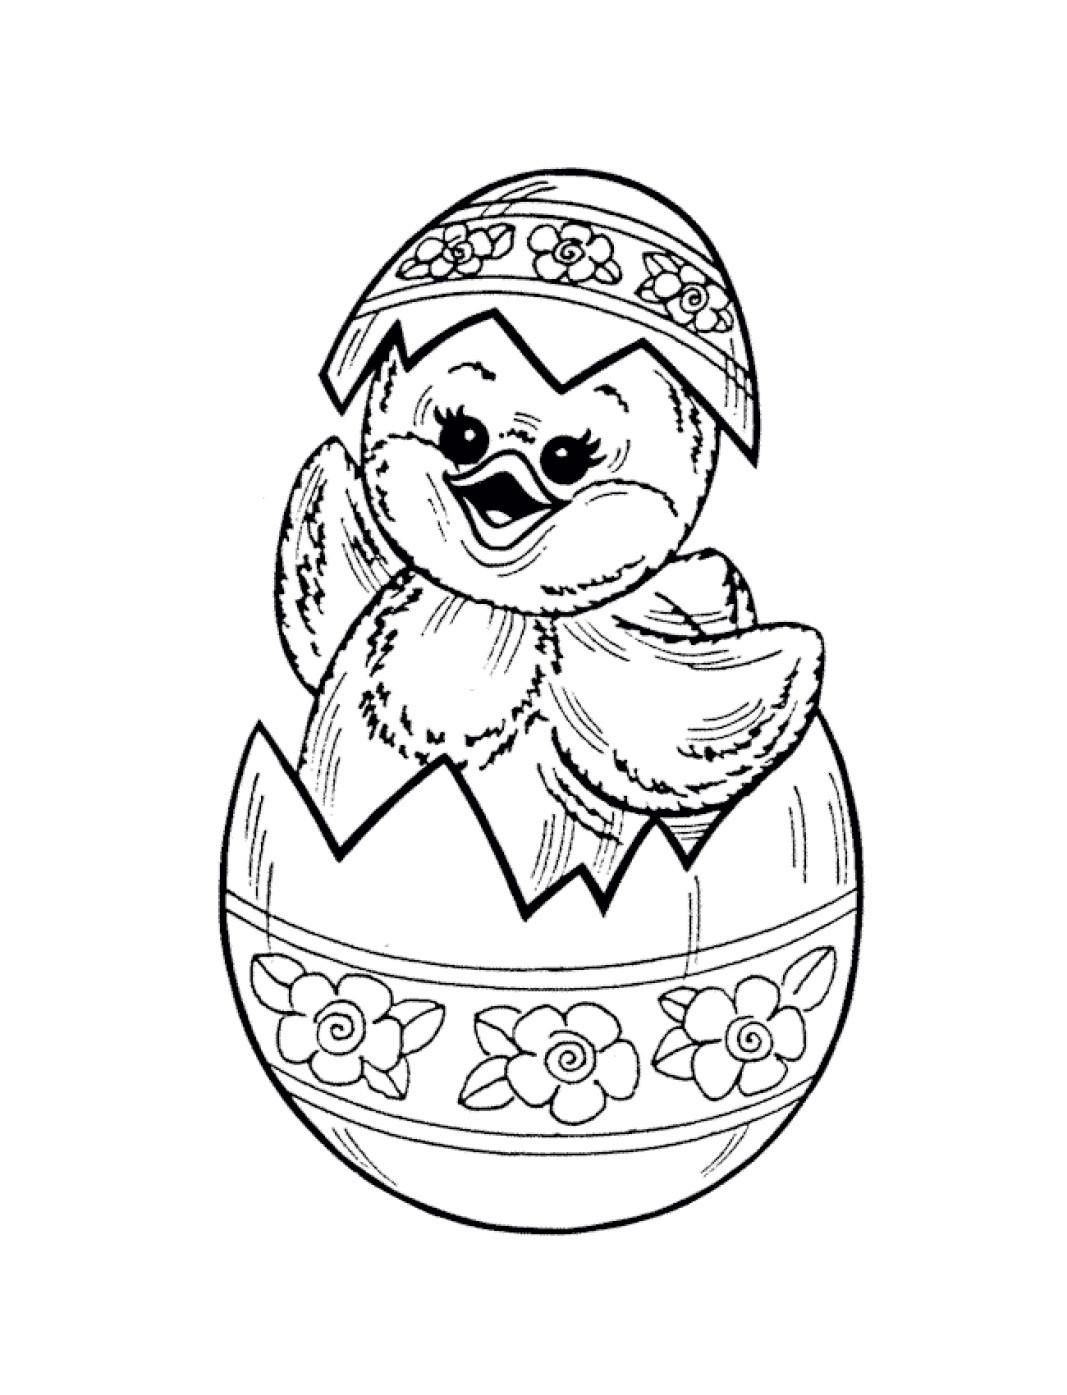 Ausmalbilder Frohe Ostern Das Beste Von Gratis Malvorlagen Ostern Mandala Elegant Malvorlagen Frohe Ostern Das Bild